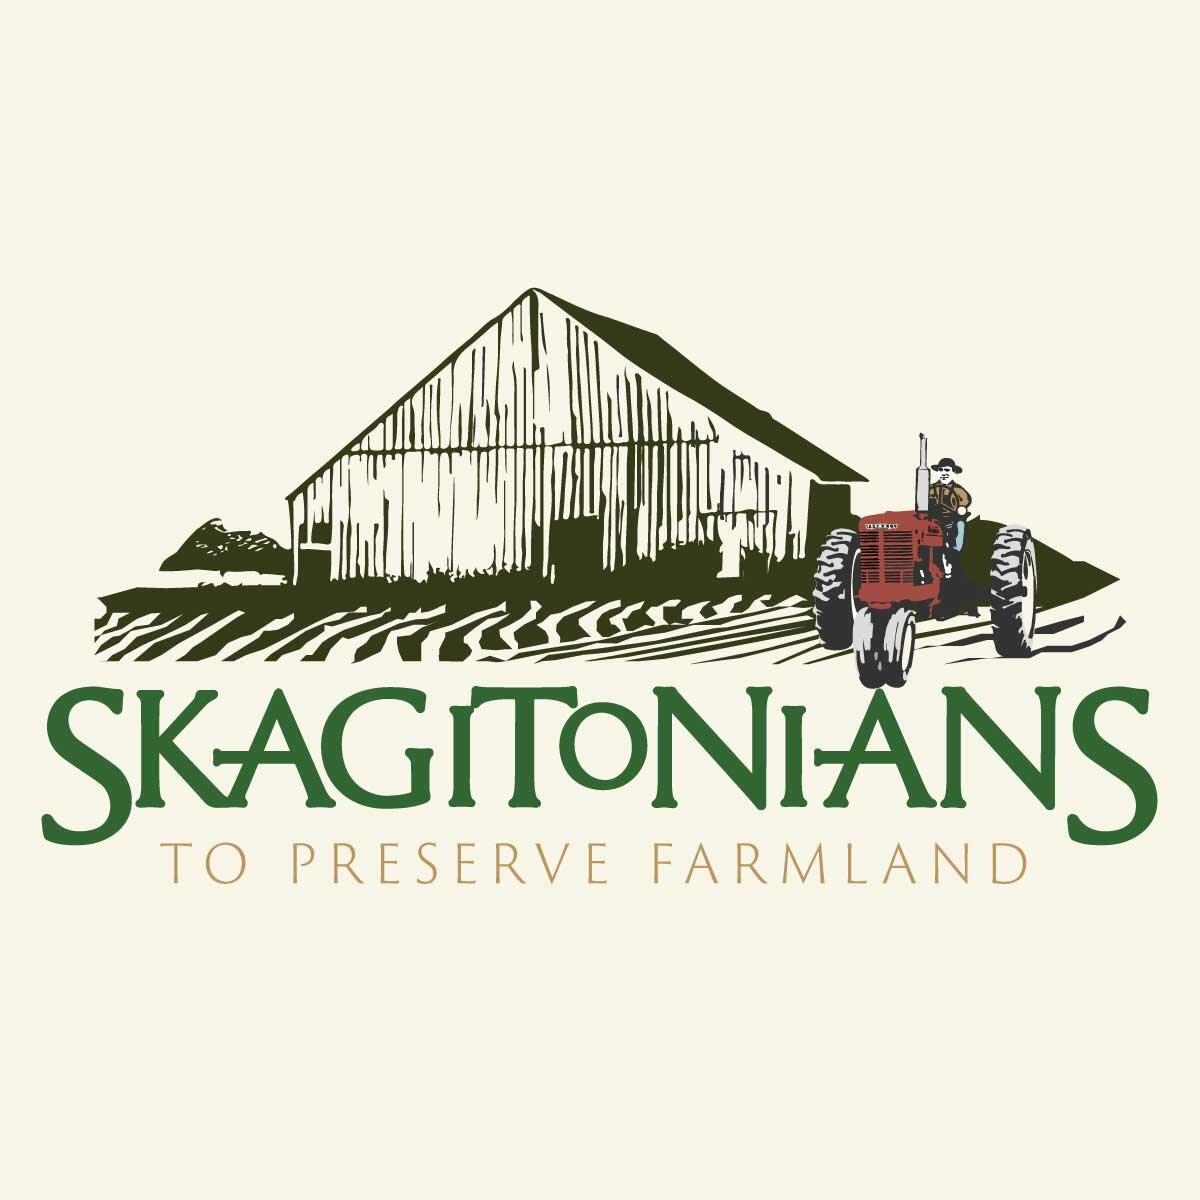 Bumper Sticker Request Form — Skagitonians to Preserve Farmland